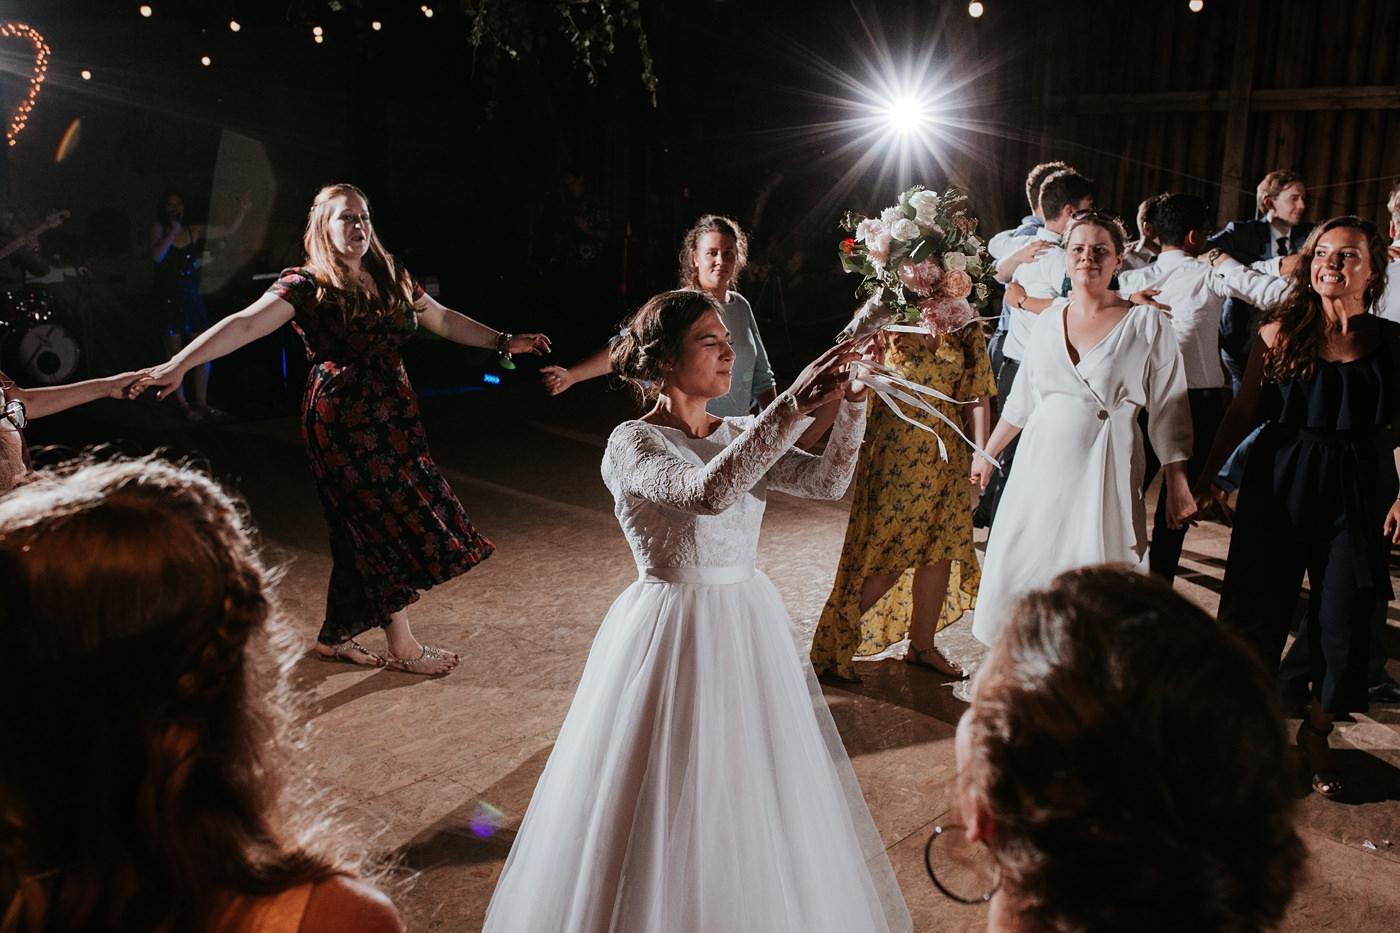 Dominika & Aleksander - Rustykalne wesele w stodole - Baborówko 146